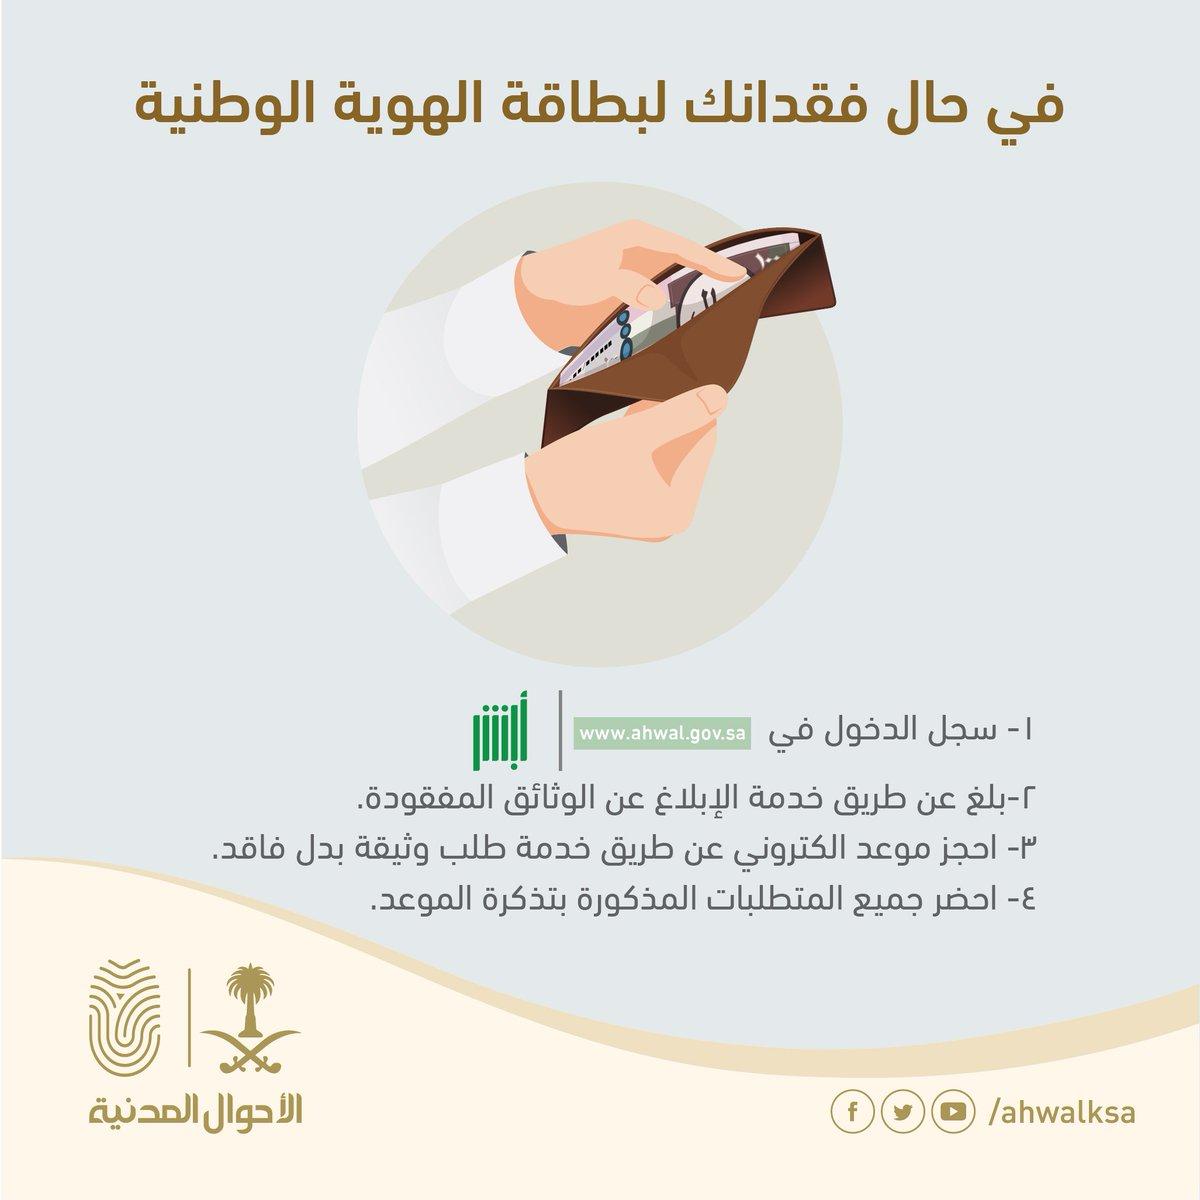 القفار يتبرع انحدار بطاقة بدل فاقد الاحوال Sjvbca Org